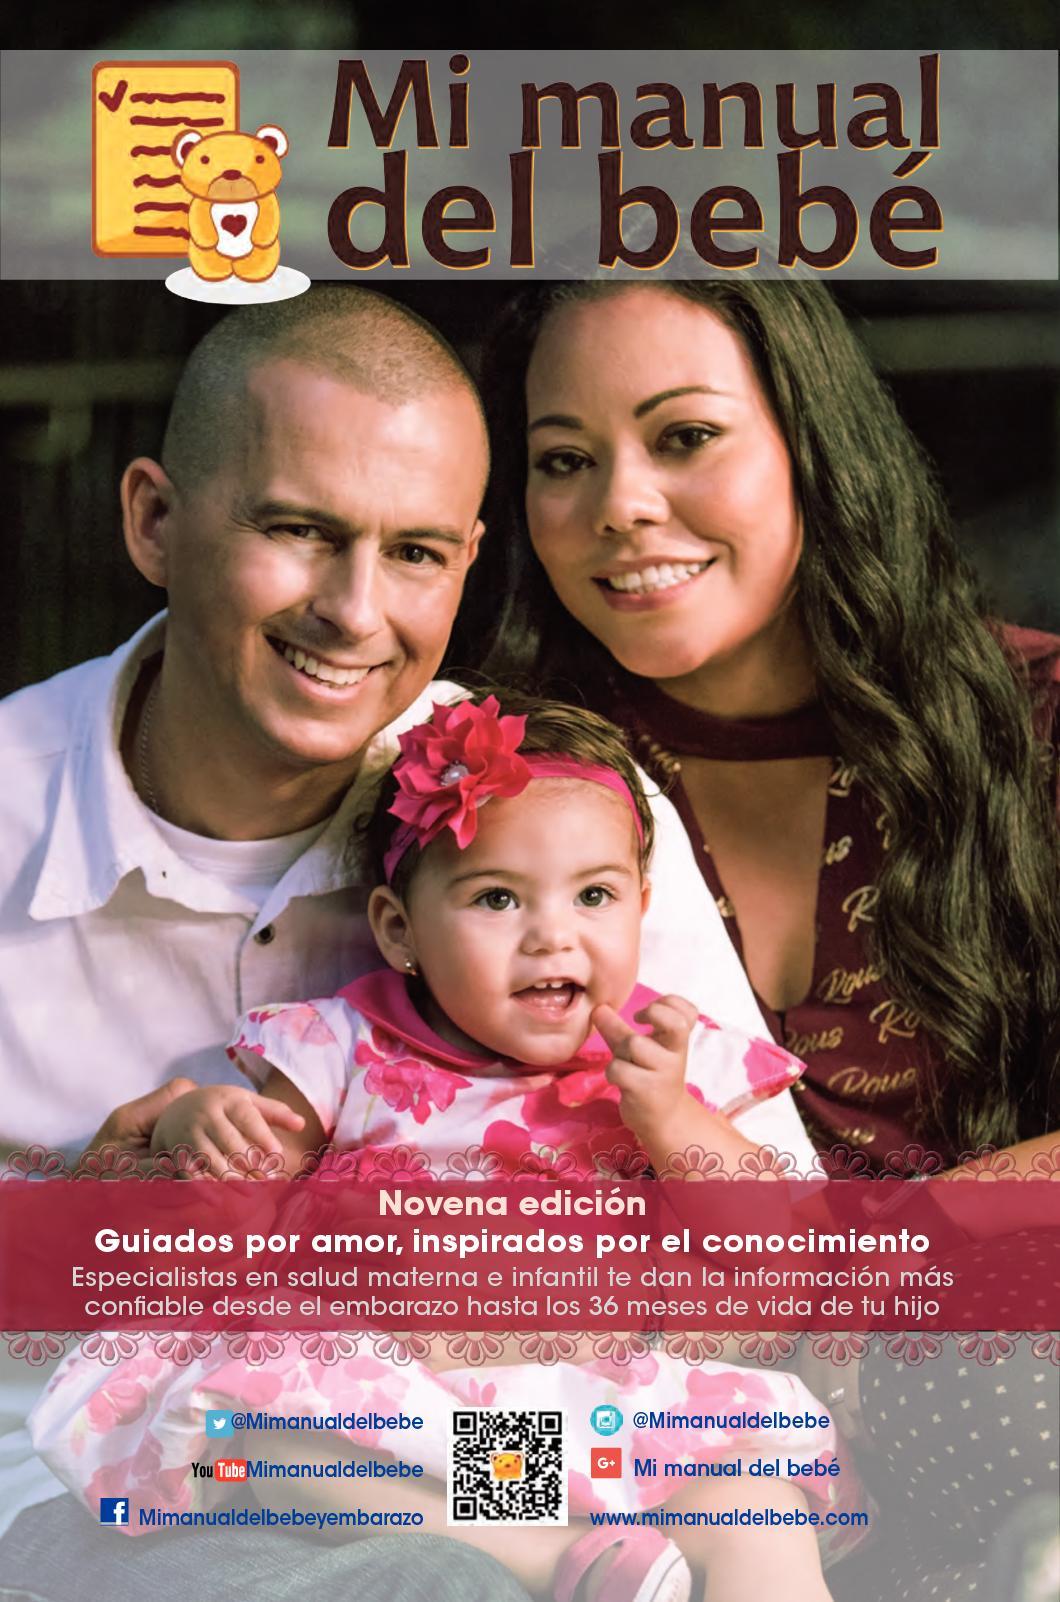 71f8a7b49 Calaméo - Mi manual del bebé (novena edición ginecólogos)